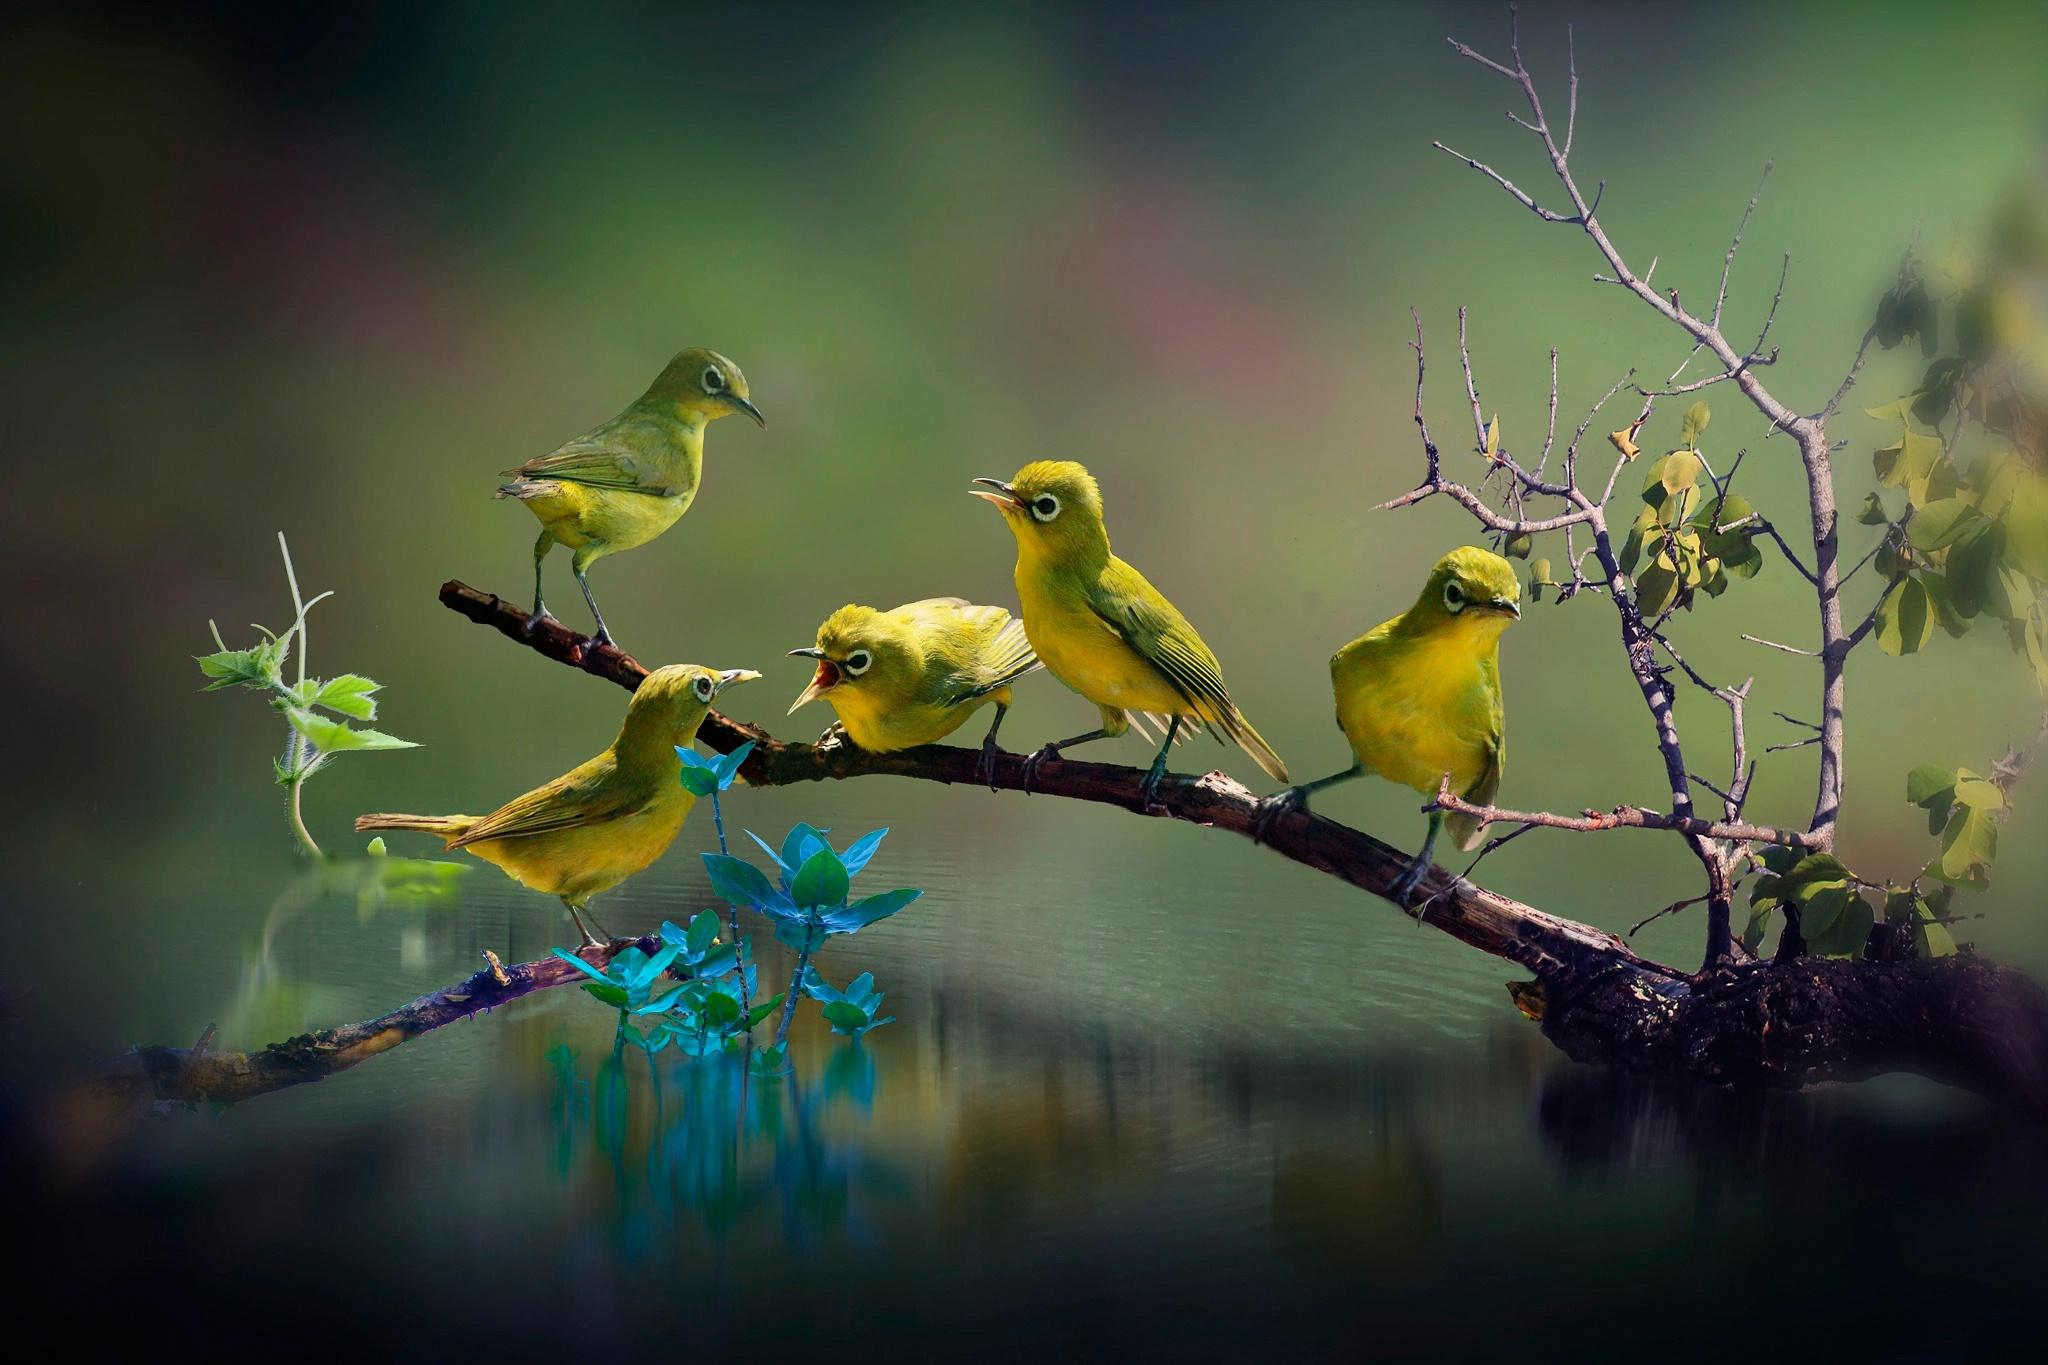 птицы на природе красивые знаменитости были поражены